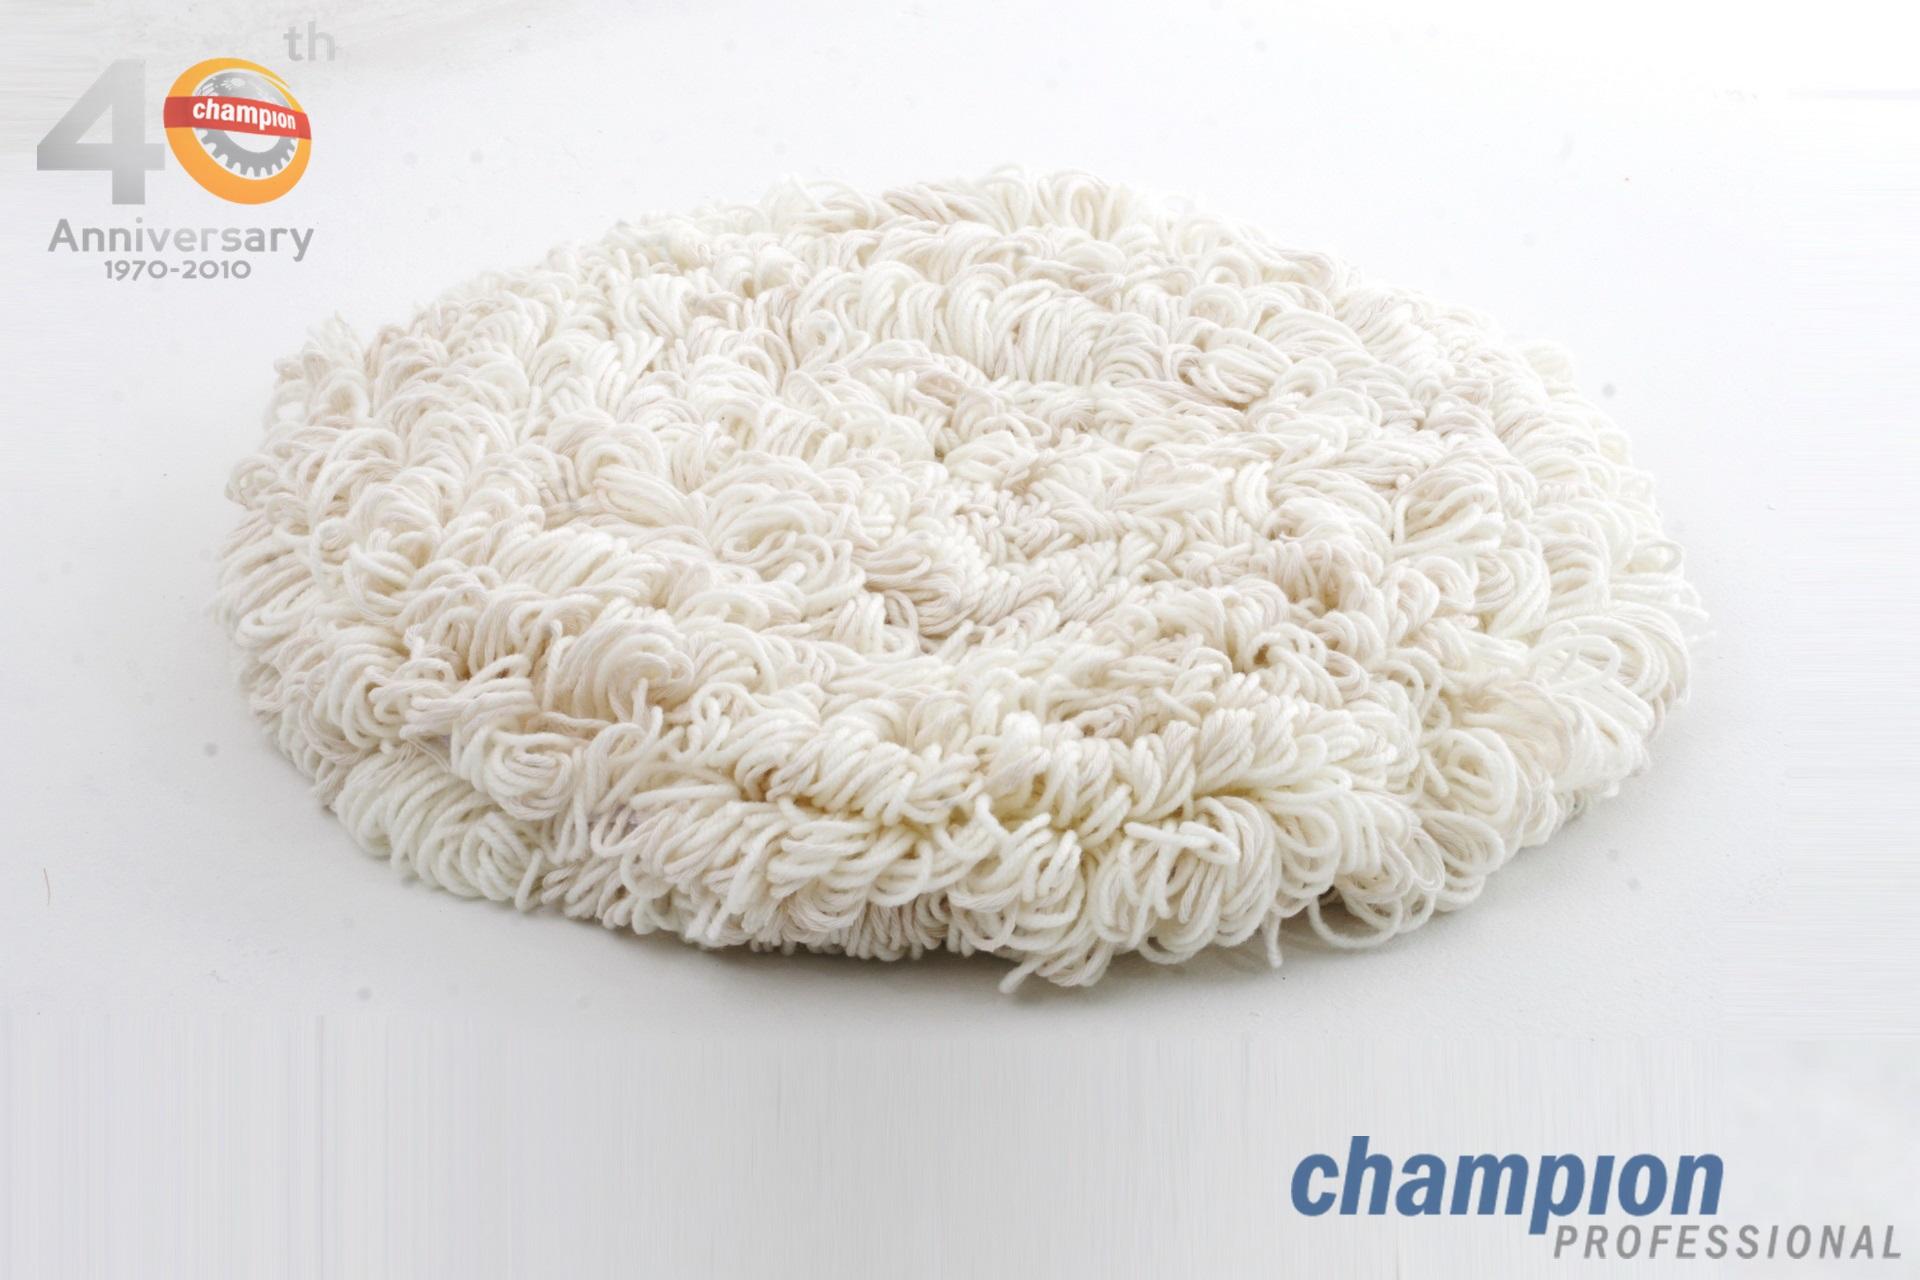 แผ่นผ้าบอนเน็ต Champion Professional